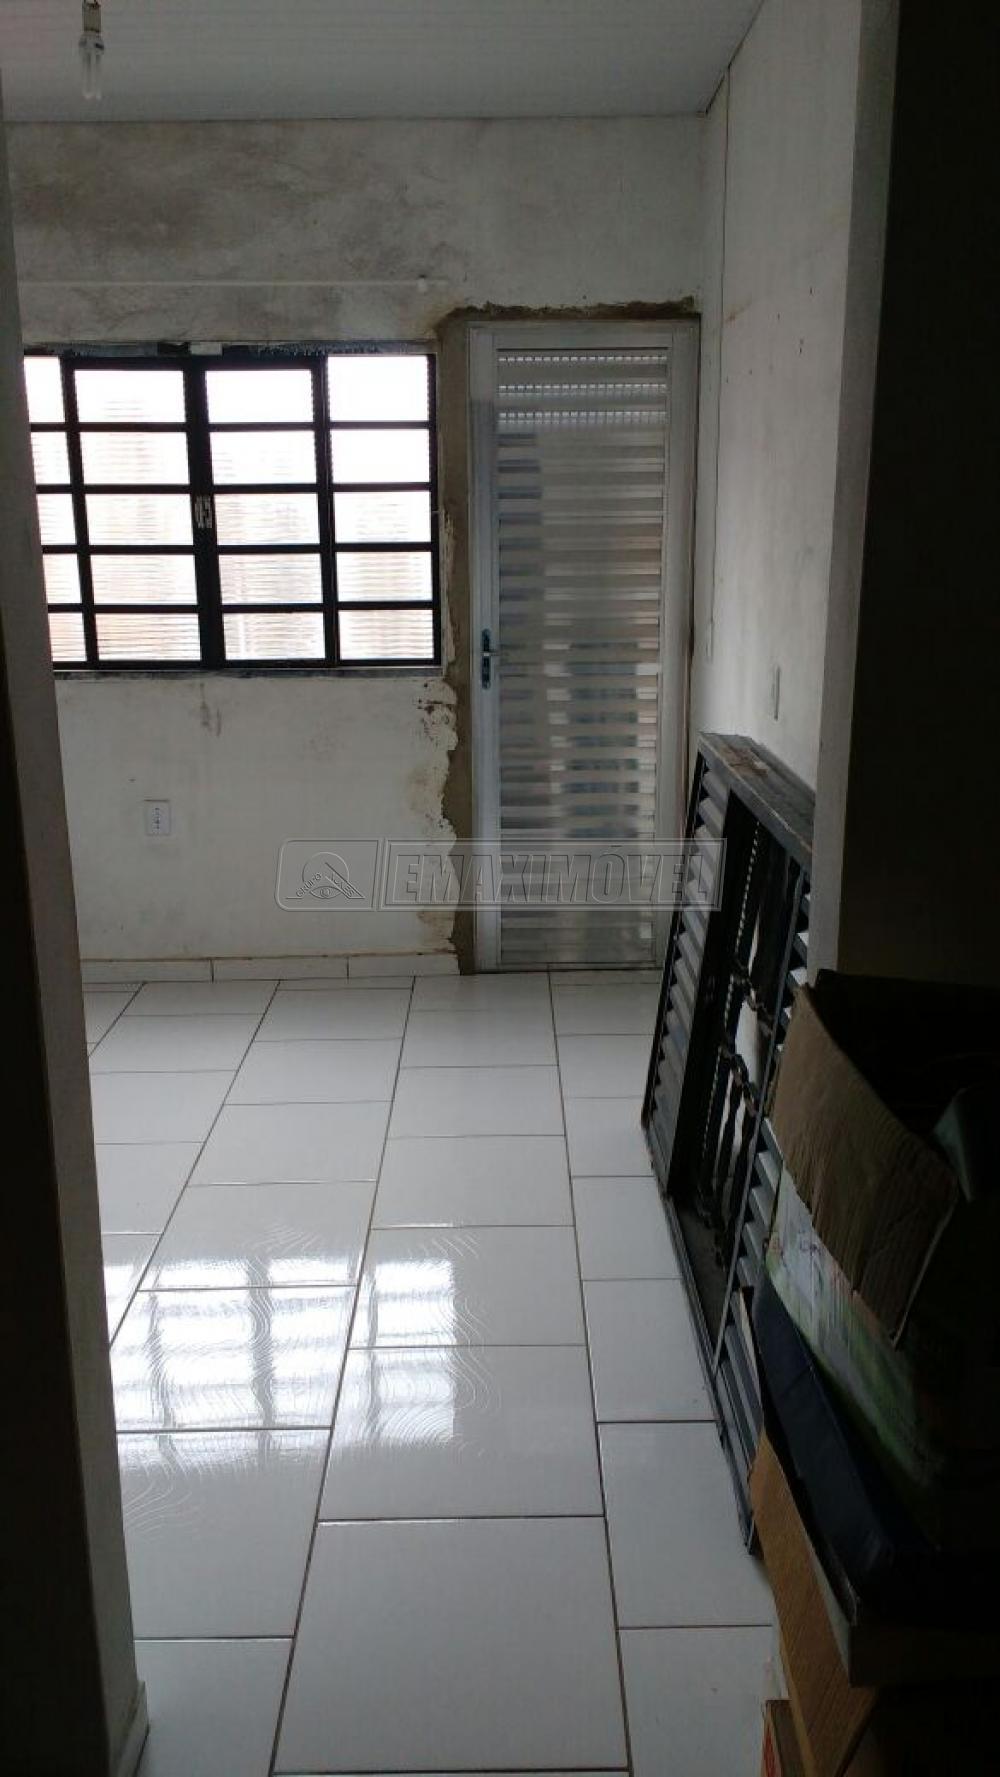 Comprar Casas / em Bairros em Sorocaba apenas R$ 238.000,00 - Foto 7